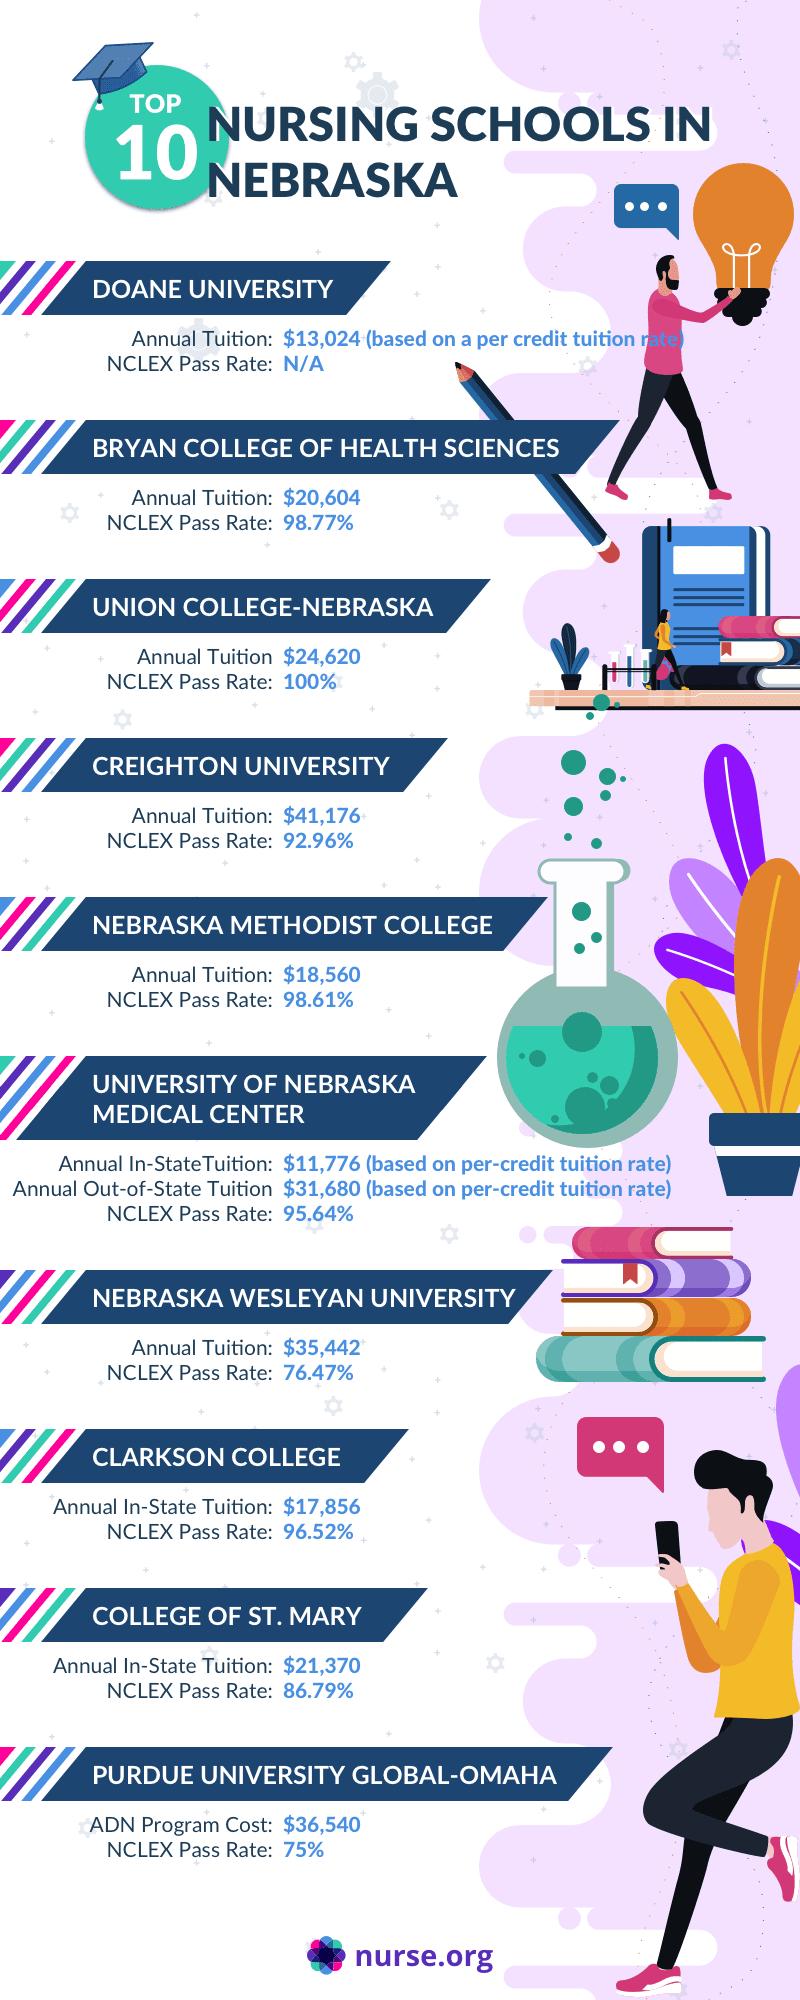 Top 10 Nursing Schools in Nebraska Infographic